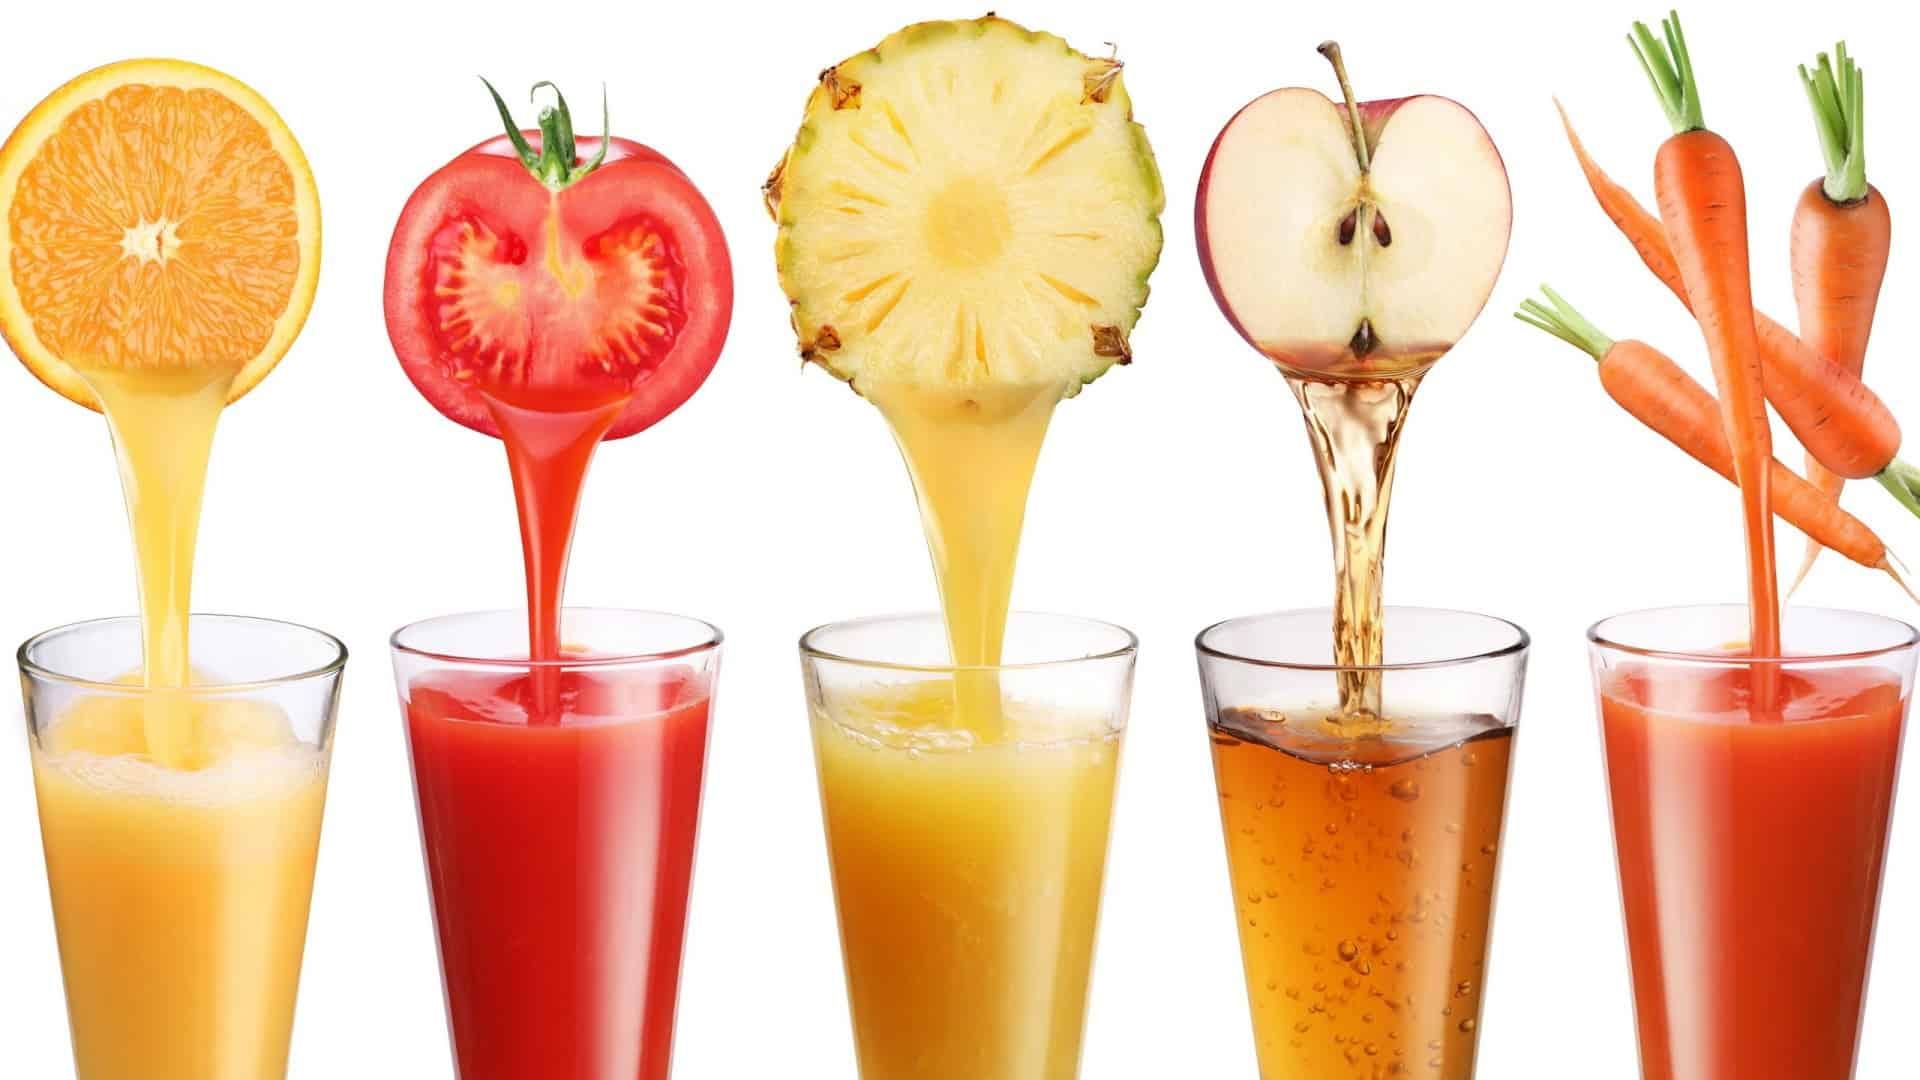 مدة صلاحية العصير الطازج موسوعة